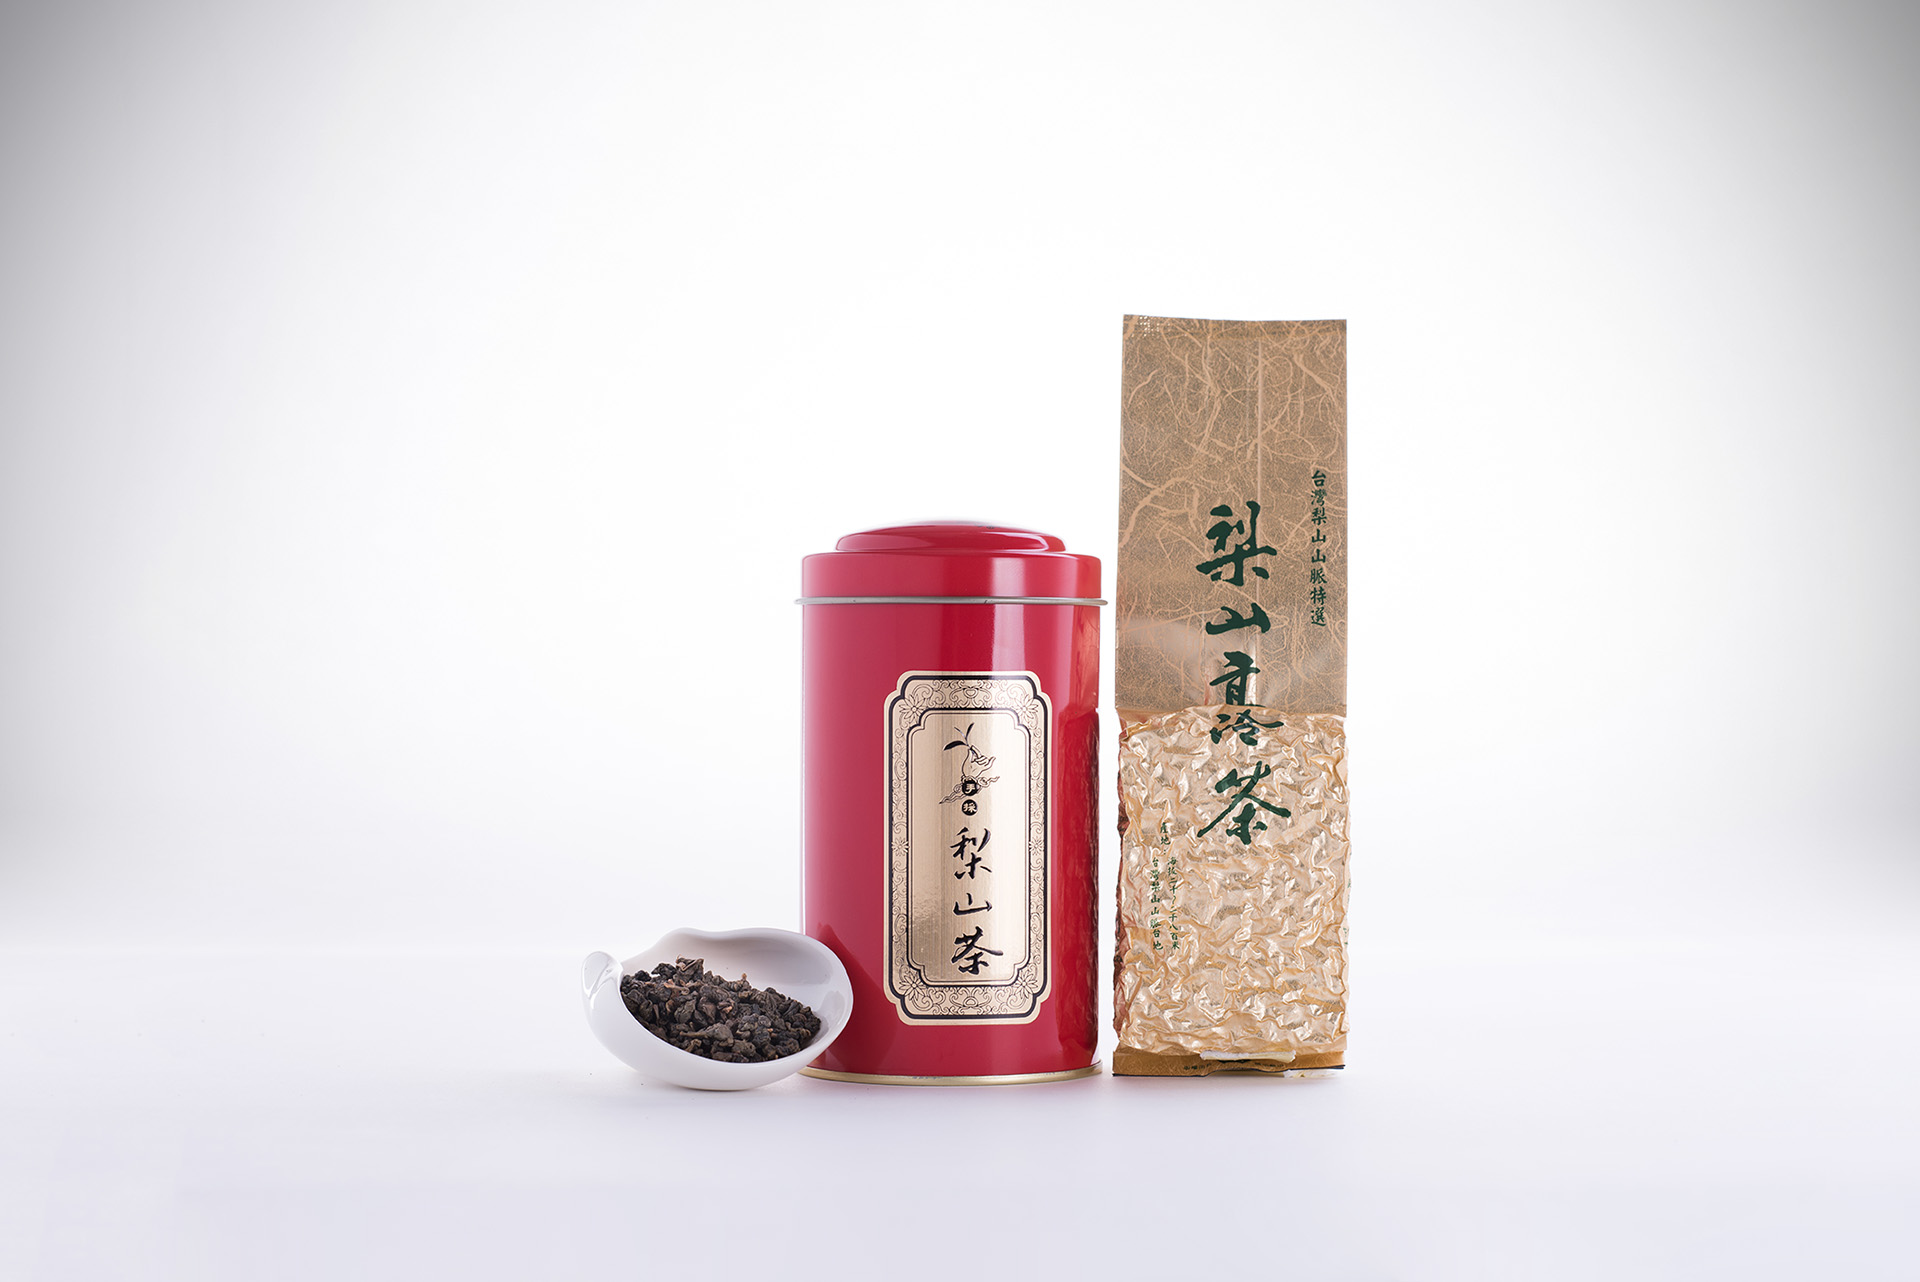 炭焙梨山茶